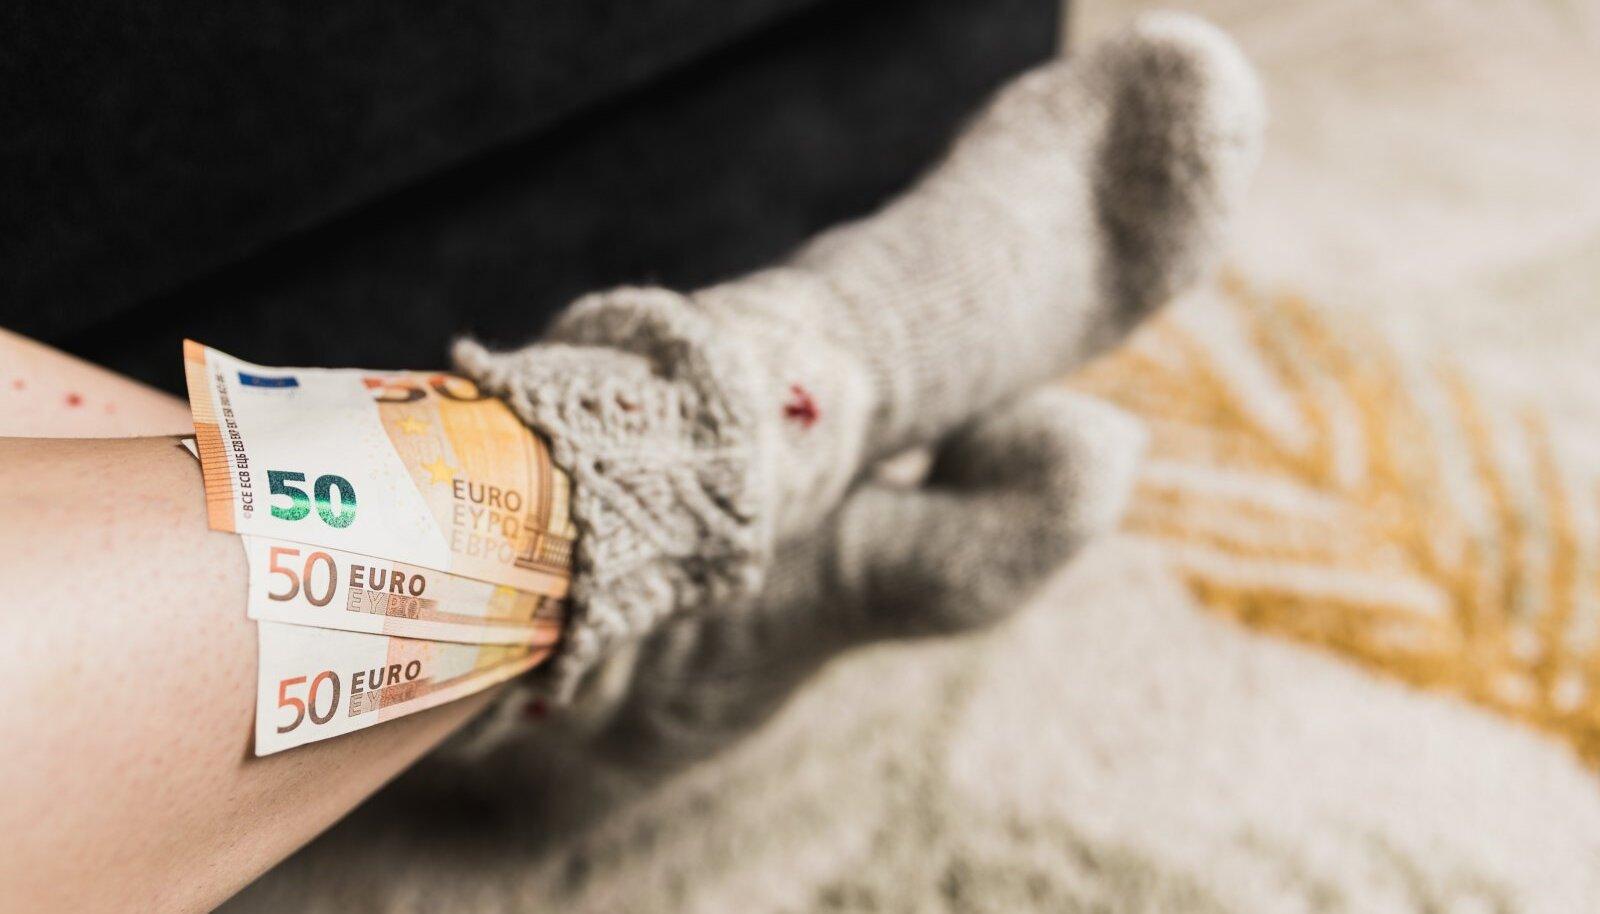 Raha sukasäärde kogumine on mõistlik pigem jätta kõnekäänuks, ent alternatiivid tuleks põhjalikult läbi mõelda.